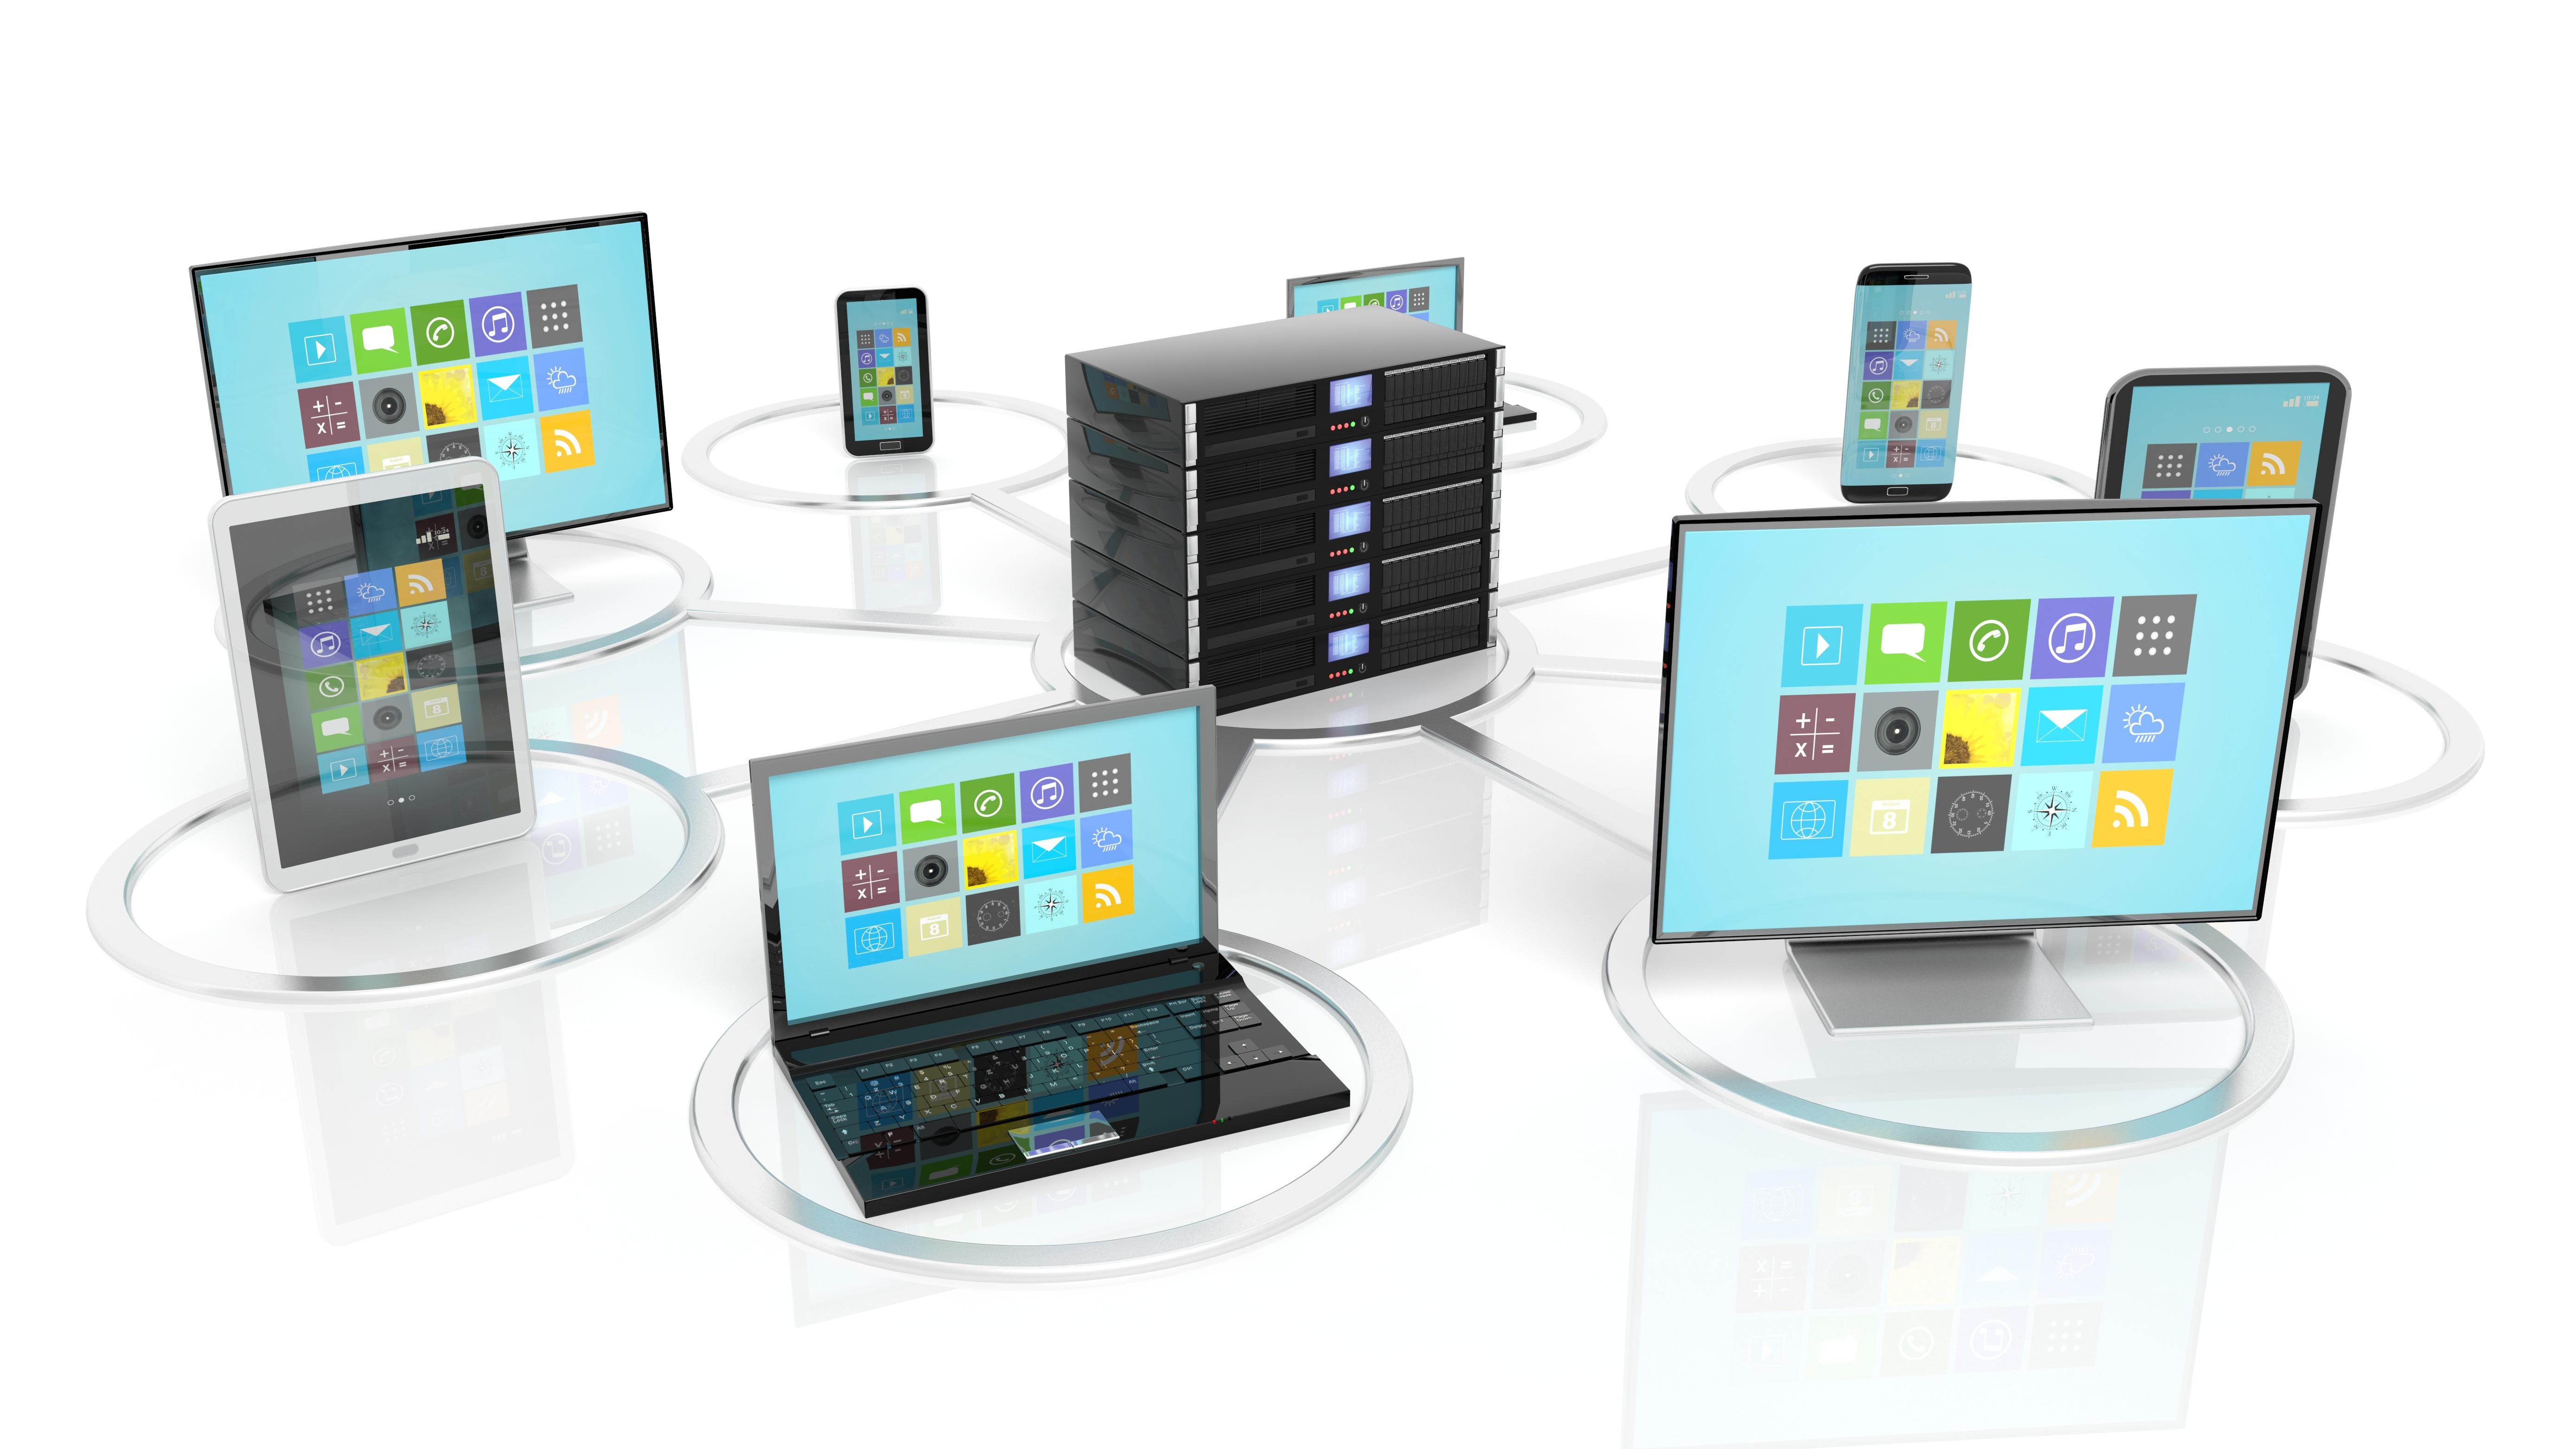 server rack, laptops, desktops